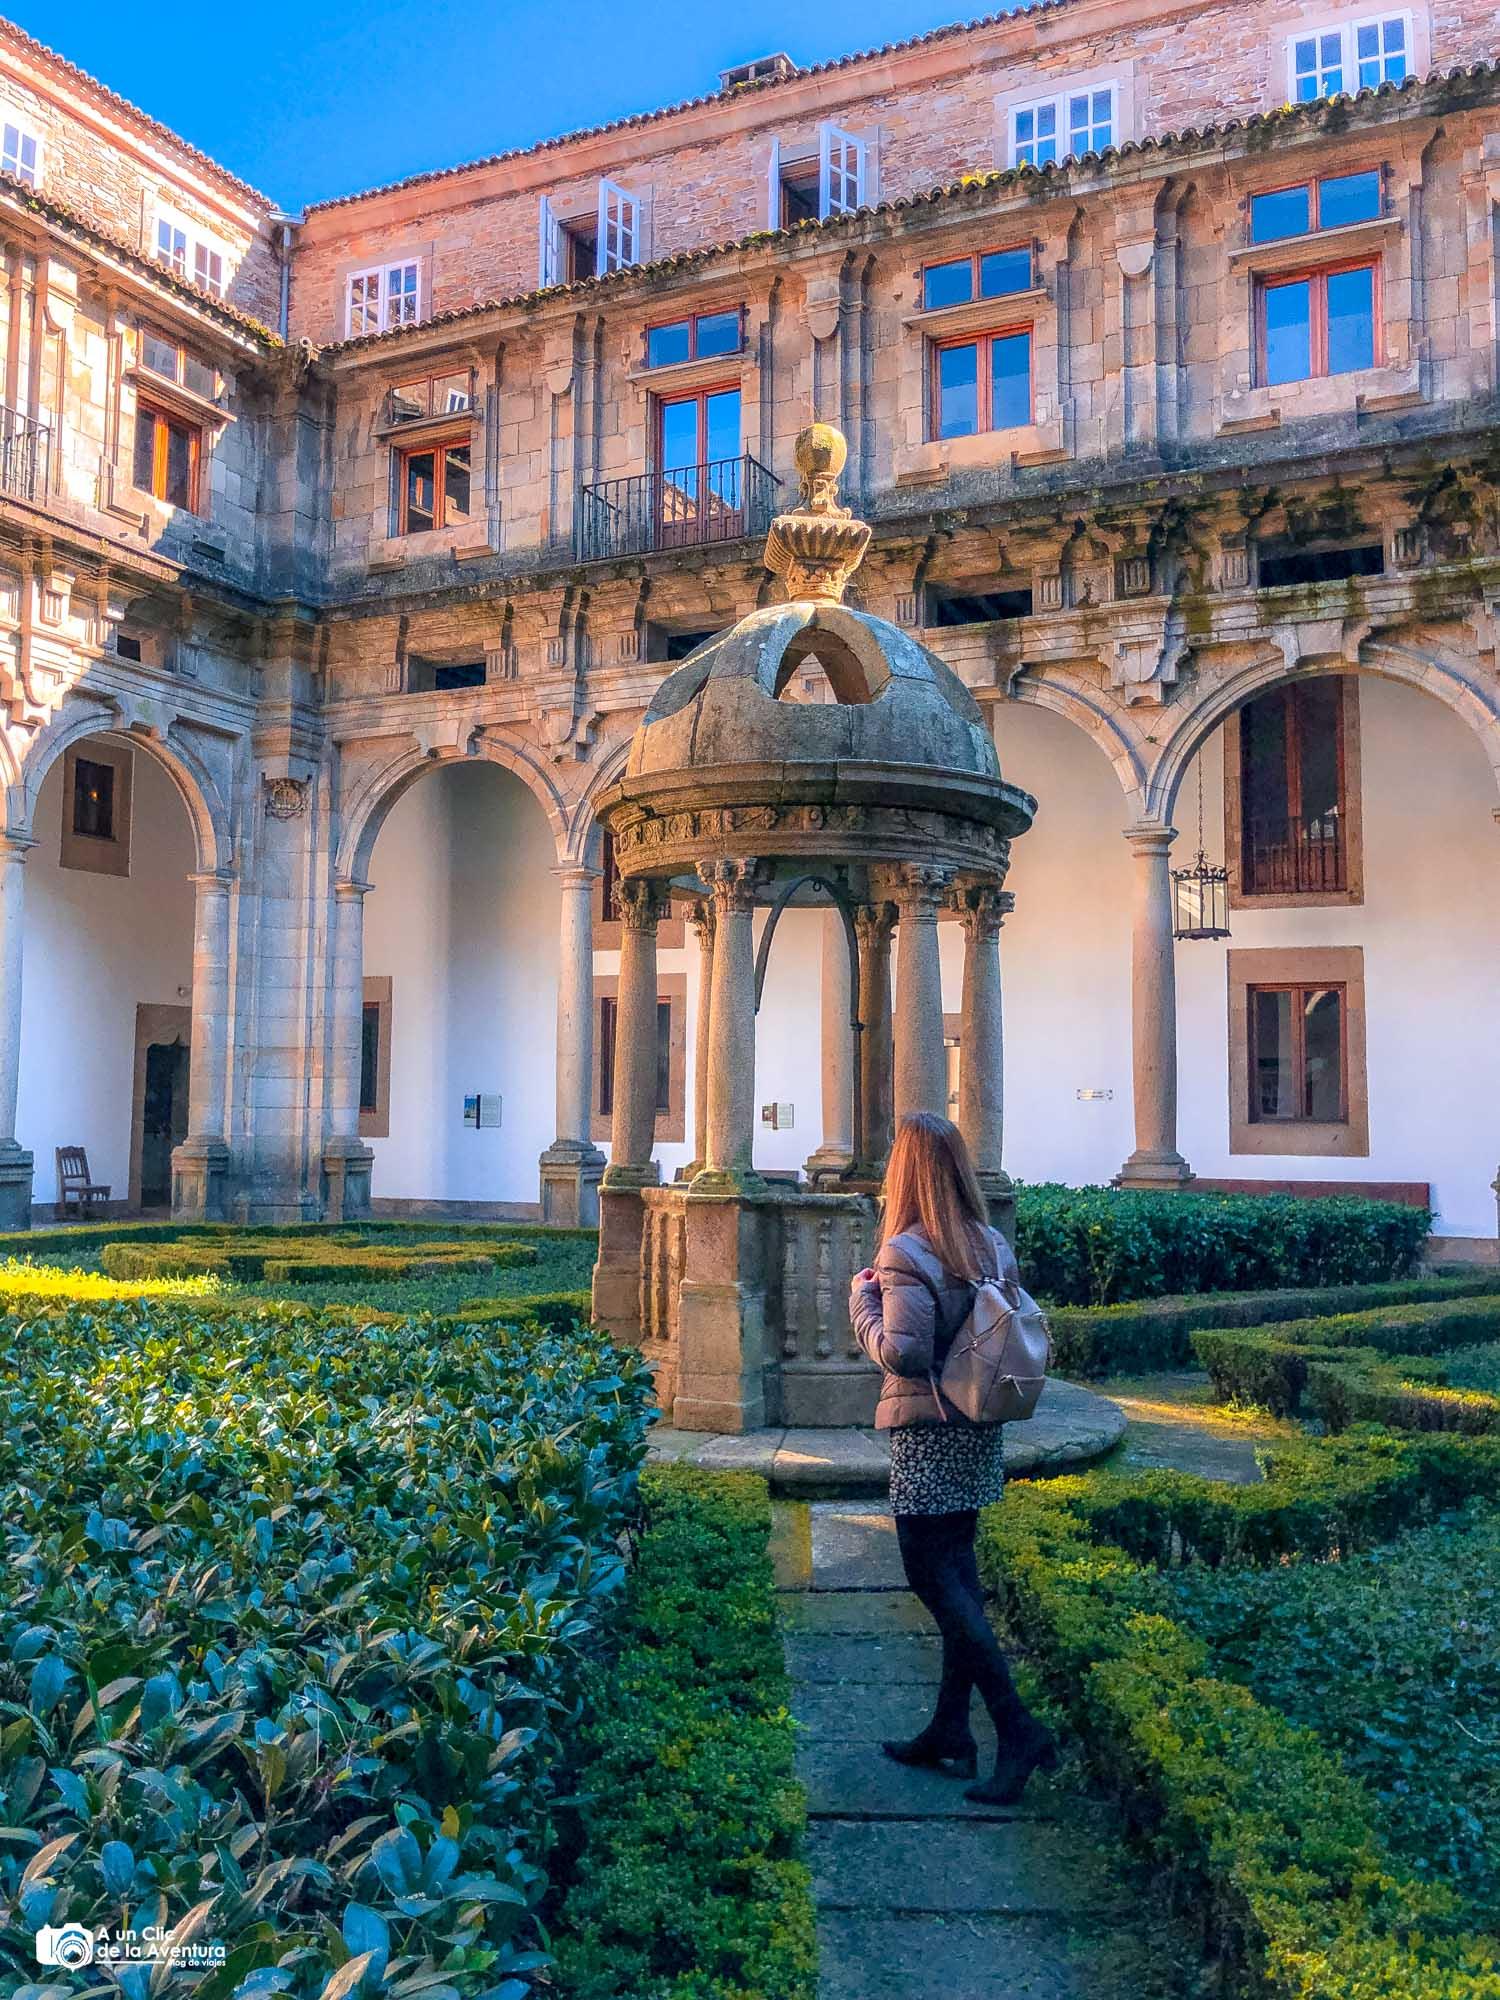 Patio de San Mateo, Hostal de los Reyes Católicos. Santiago de Compostela